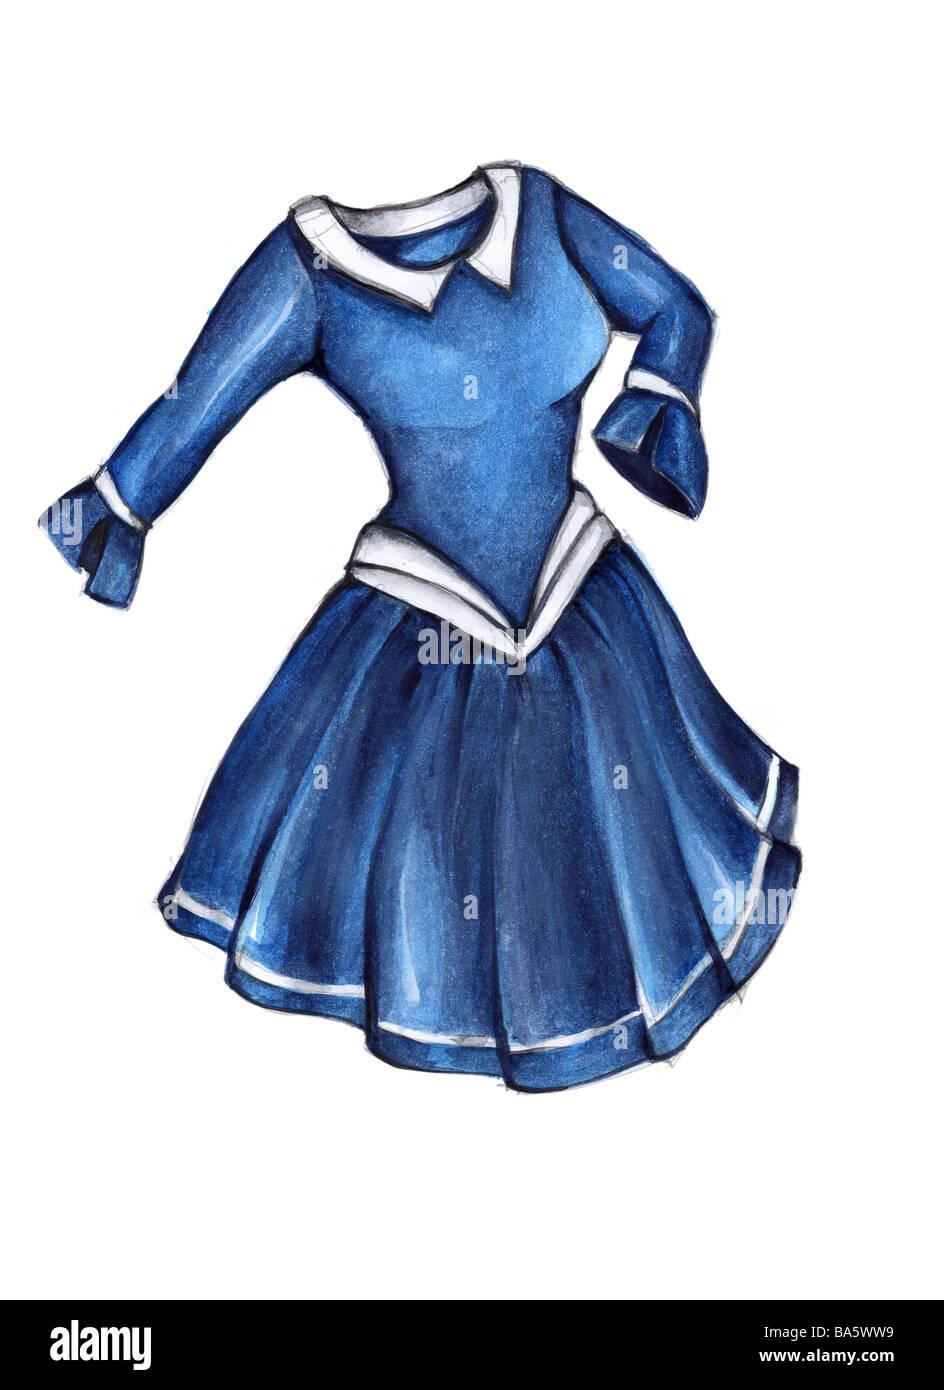 Ilustración Marinero Vestido Dibujo Acuarela Ropa Dama